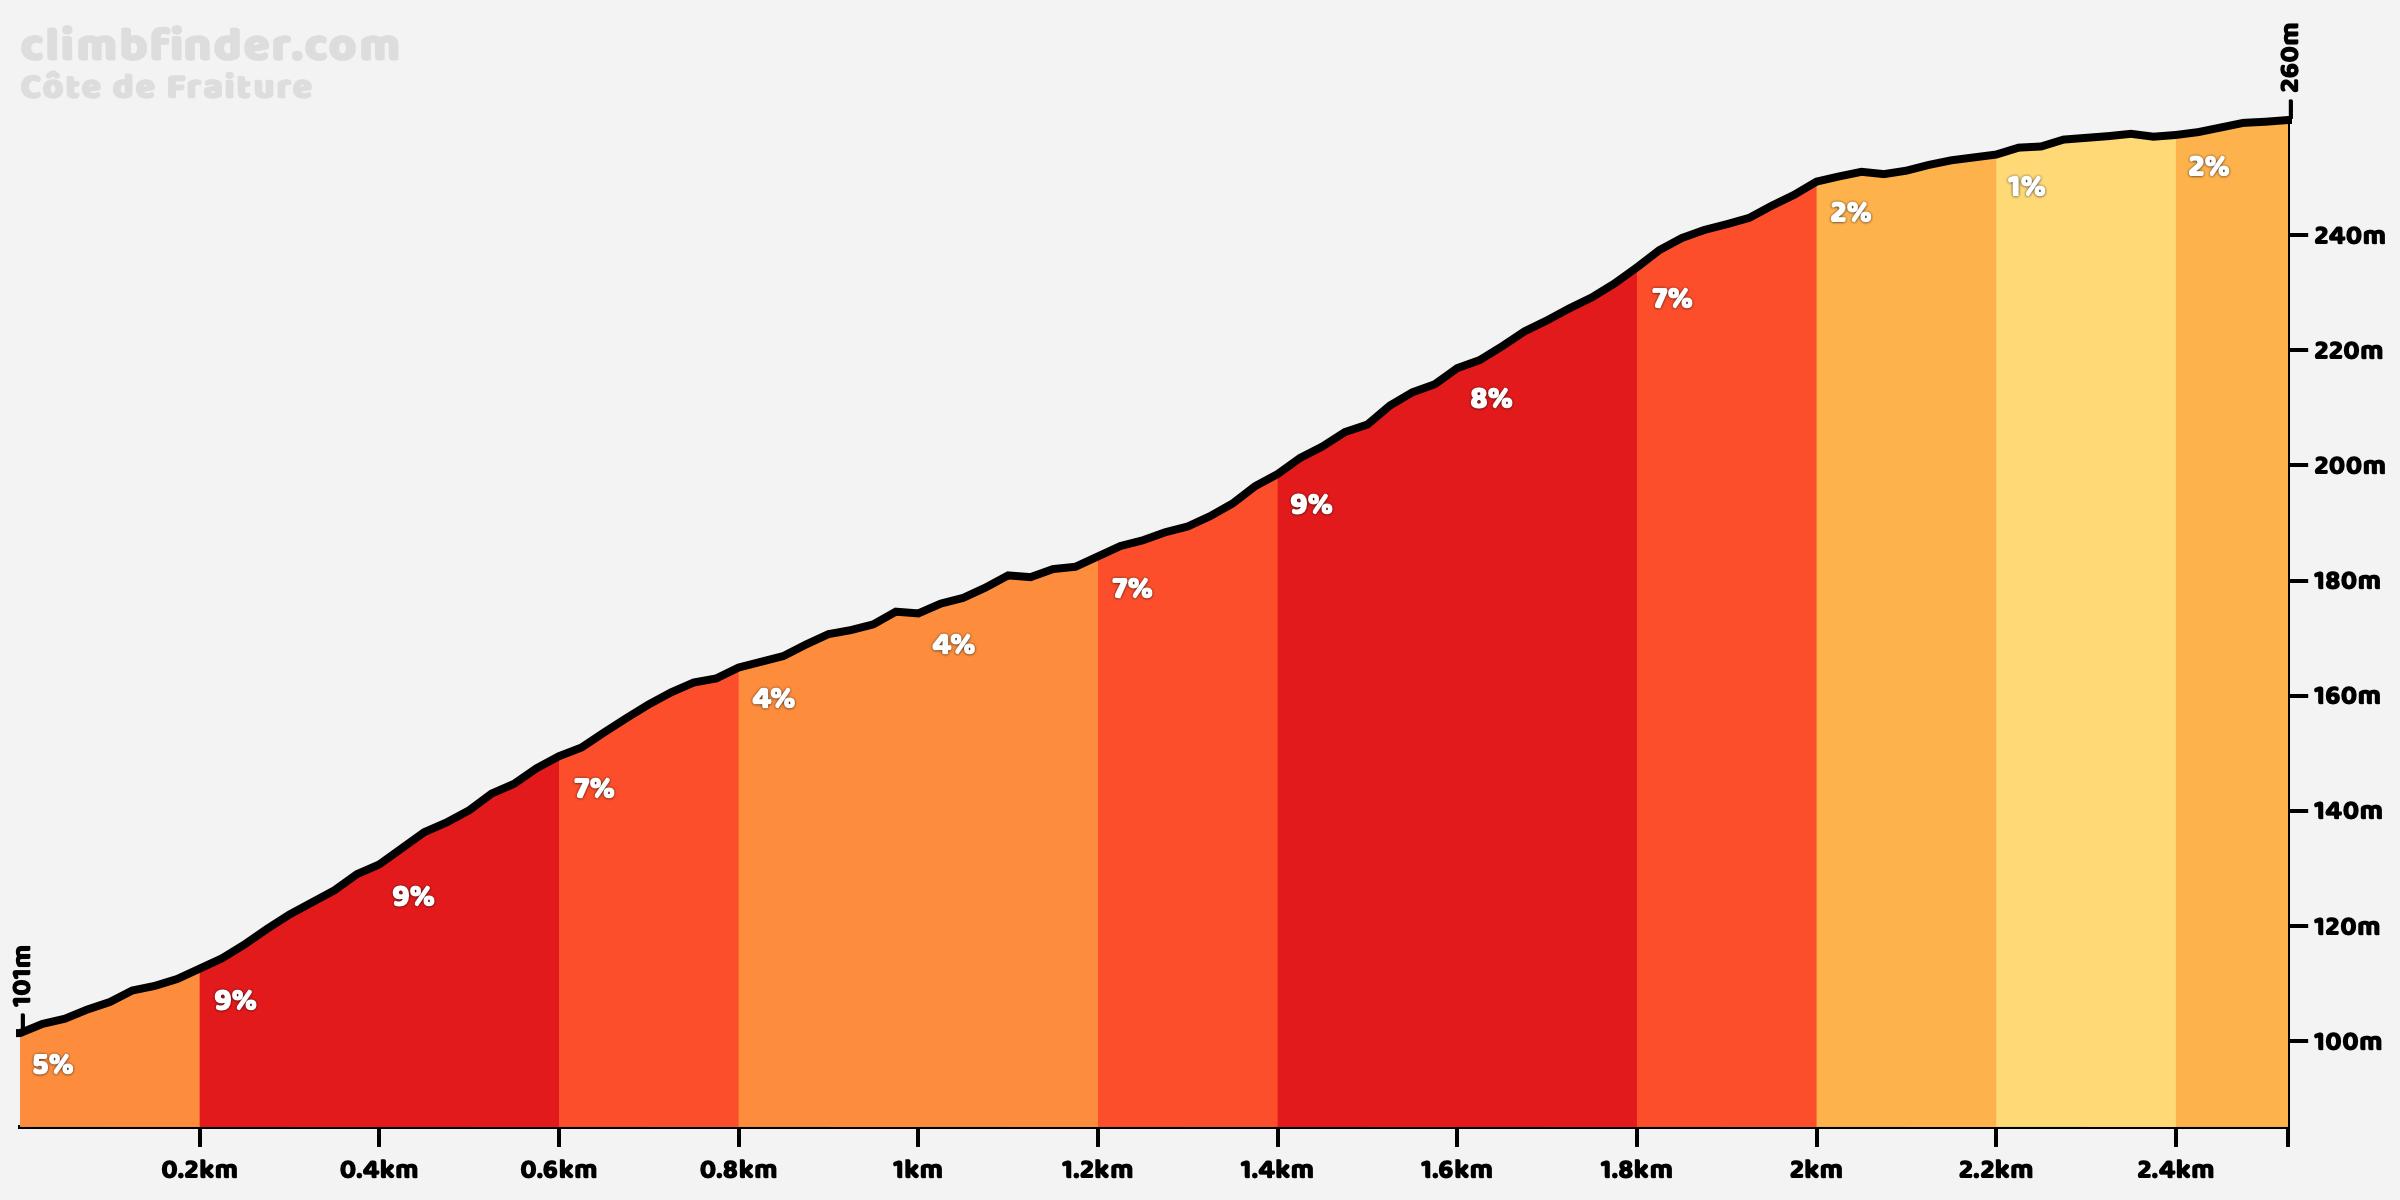 Cote De Fraiture Profile Of The Ascent